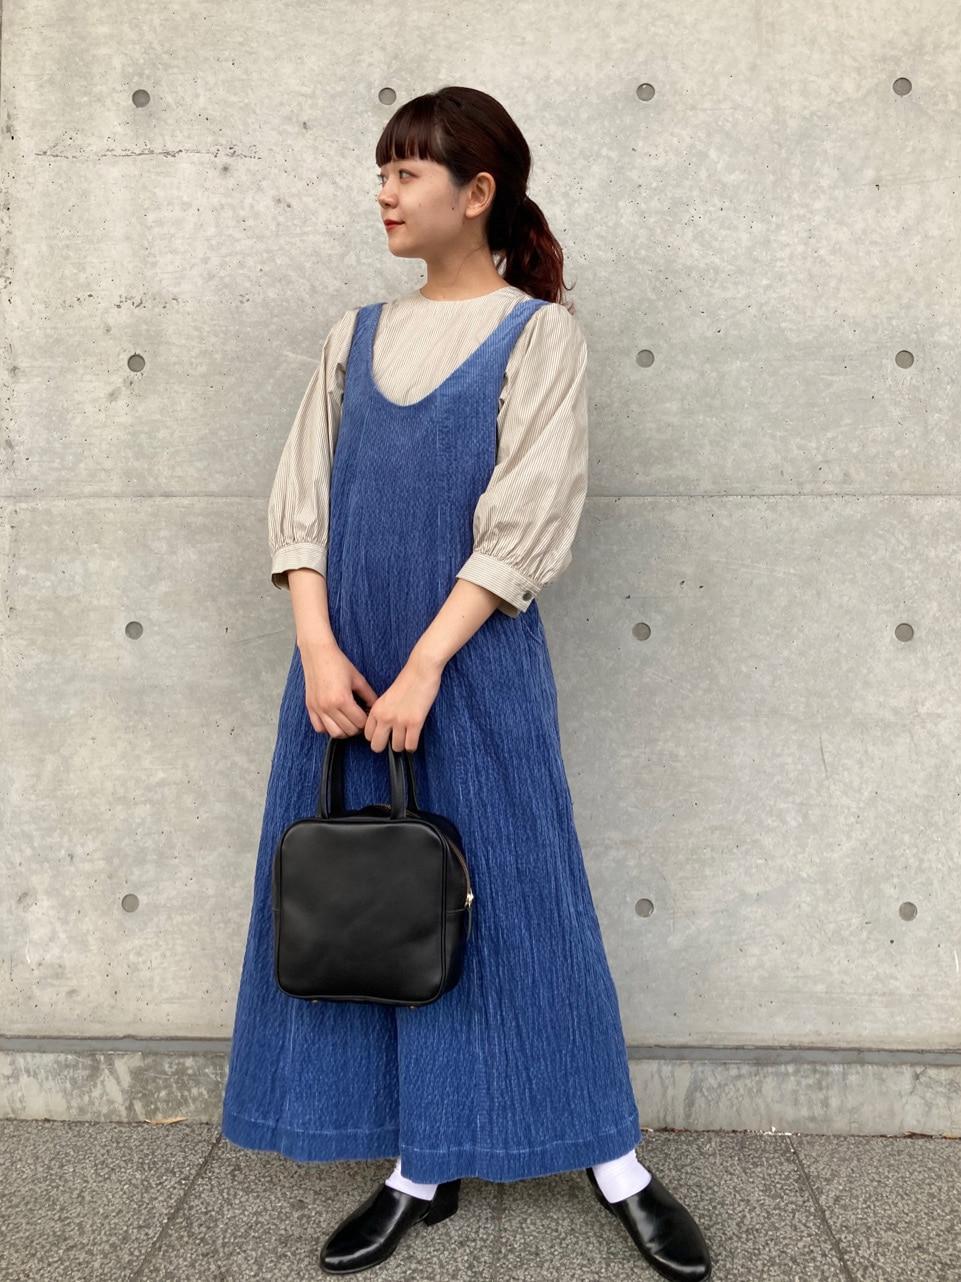 l'atelier du savon 東京スカイツリータウン・ソラマチ 身長:154cm 2020.09.05